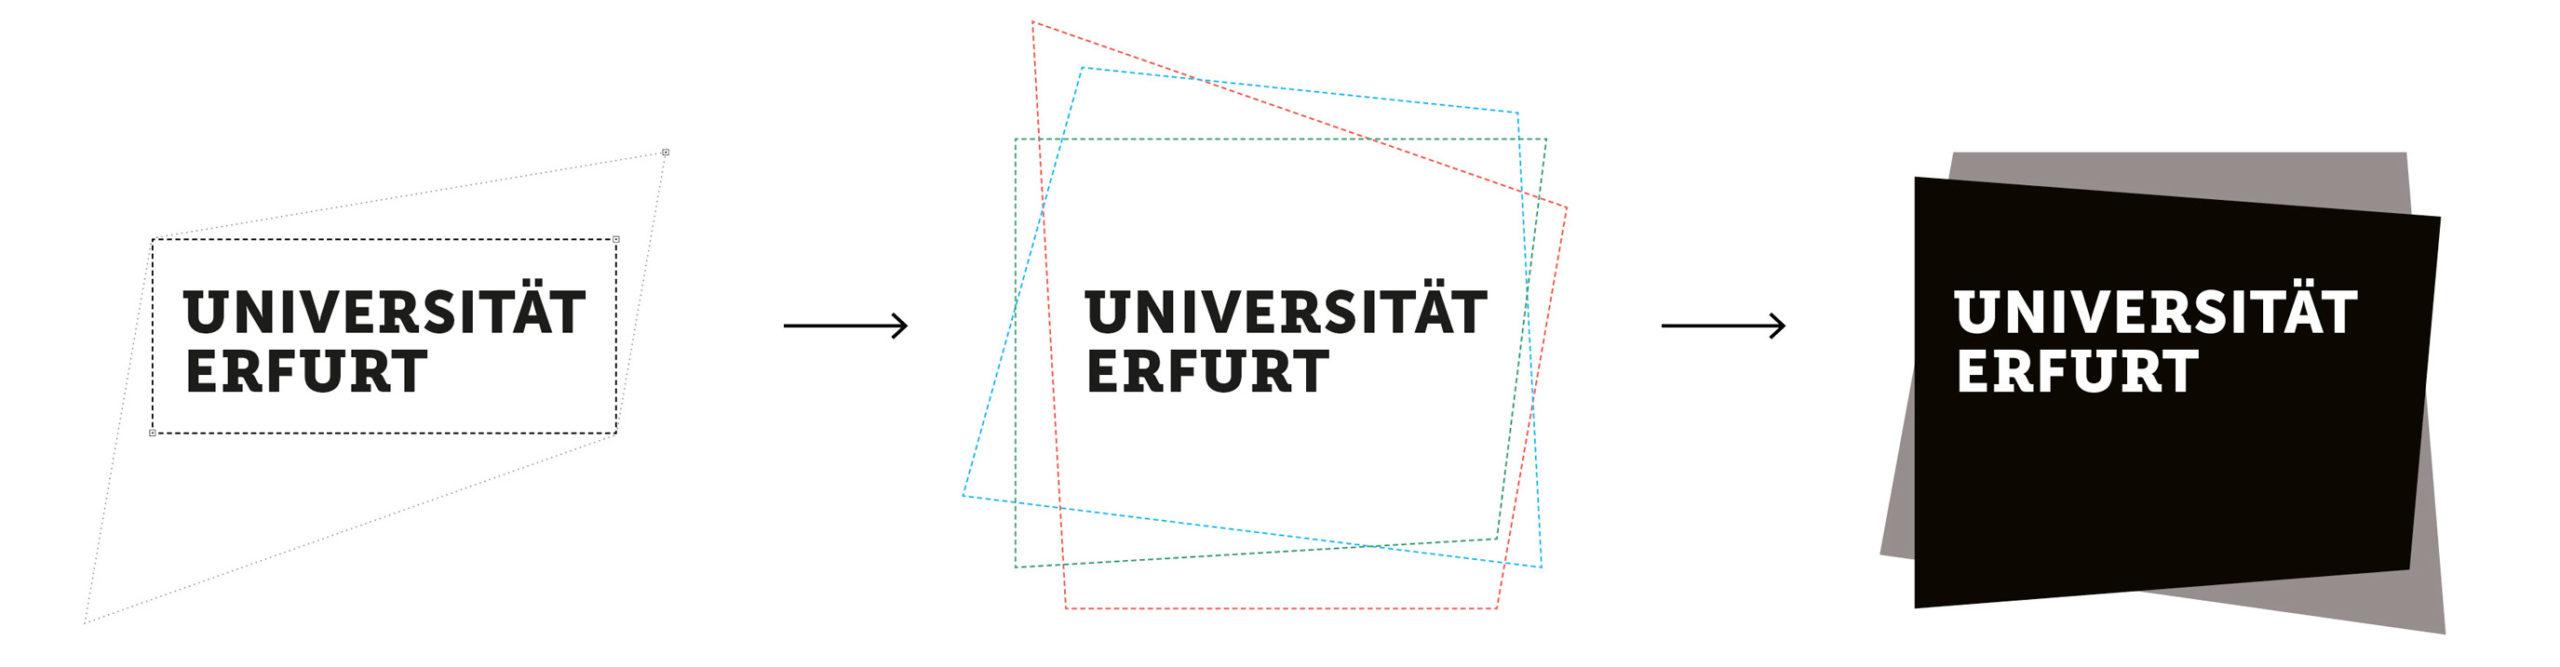 19-CD-Uni-Erfurt-06A